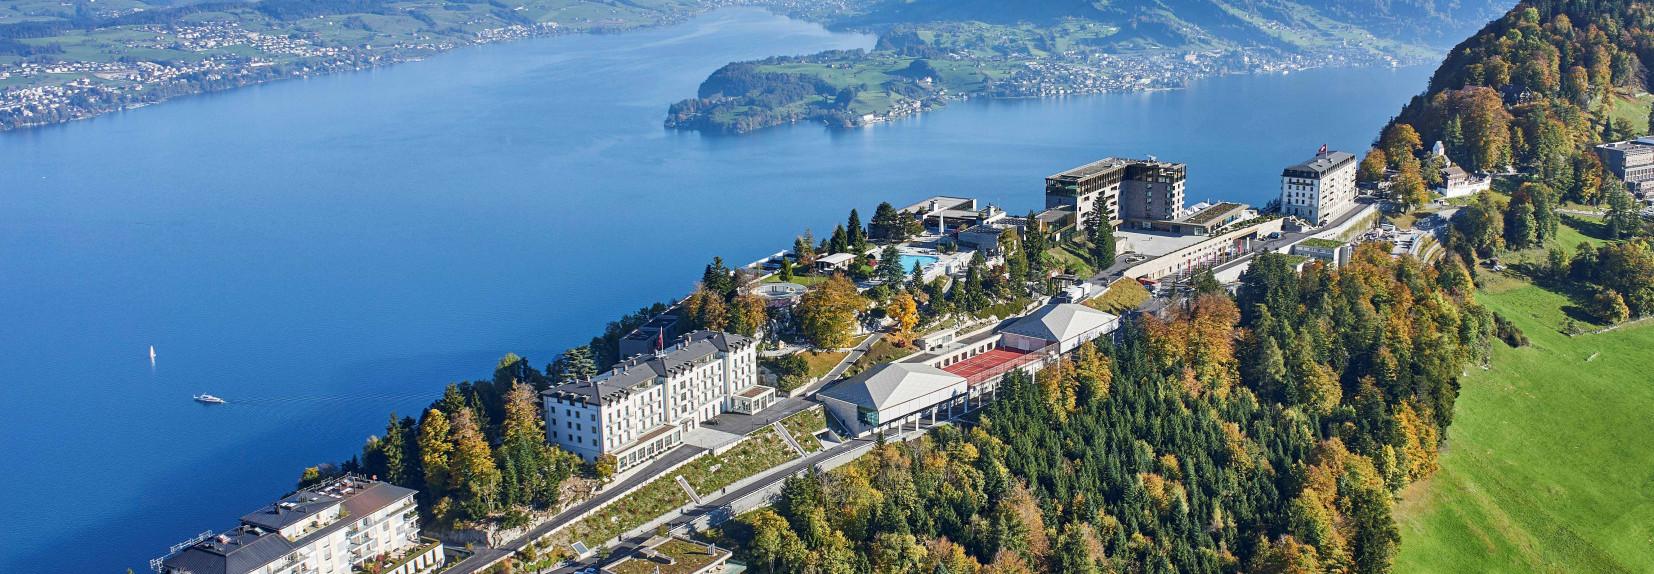 Bürgenstock Resort von oben. Im Hintergrund ist der Vierwaldstättersee zu sehen.